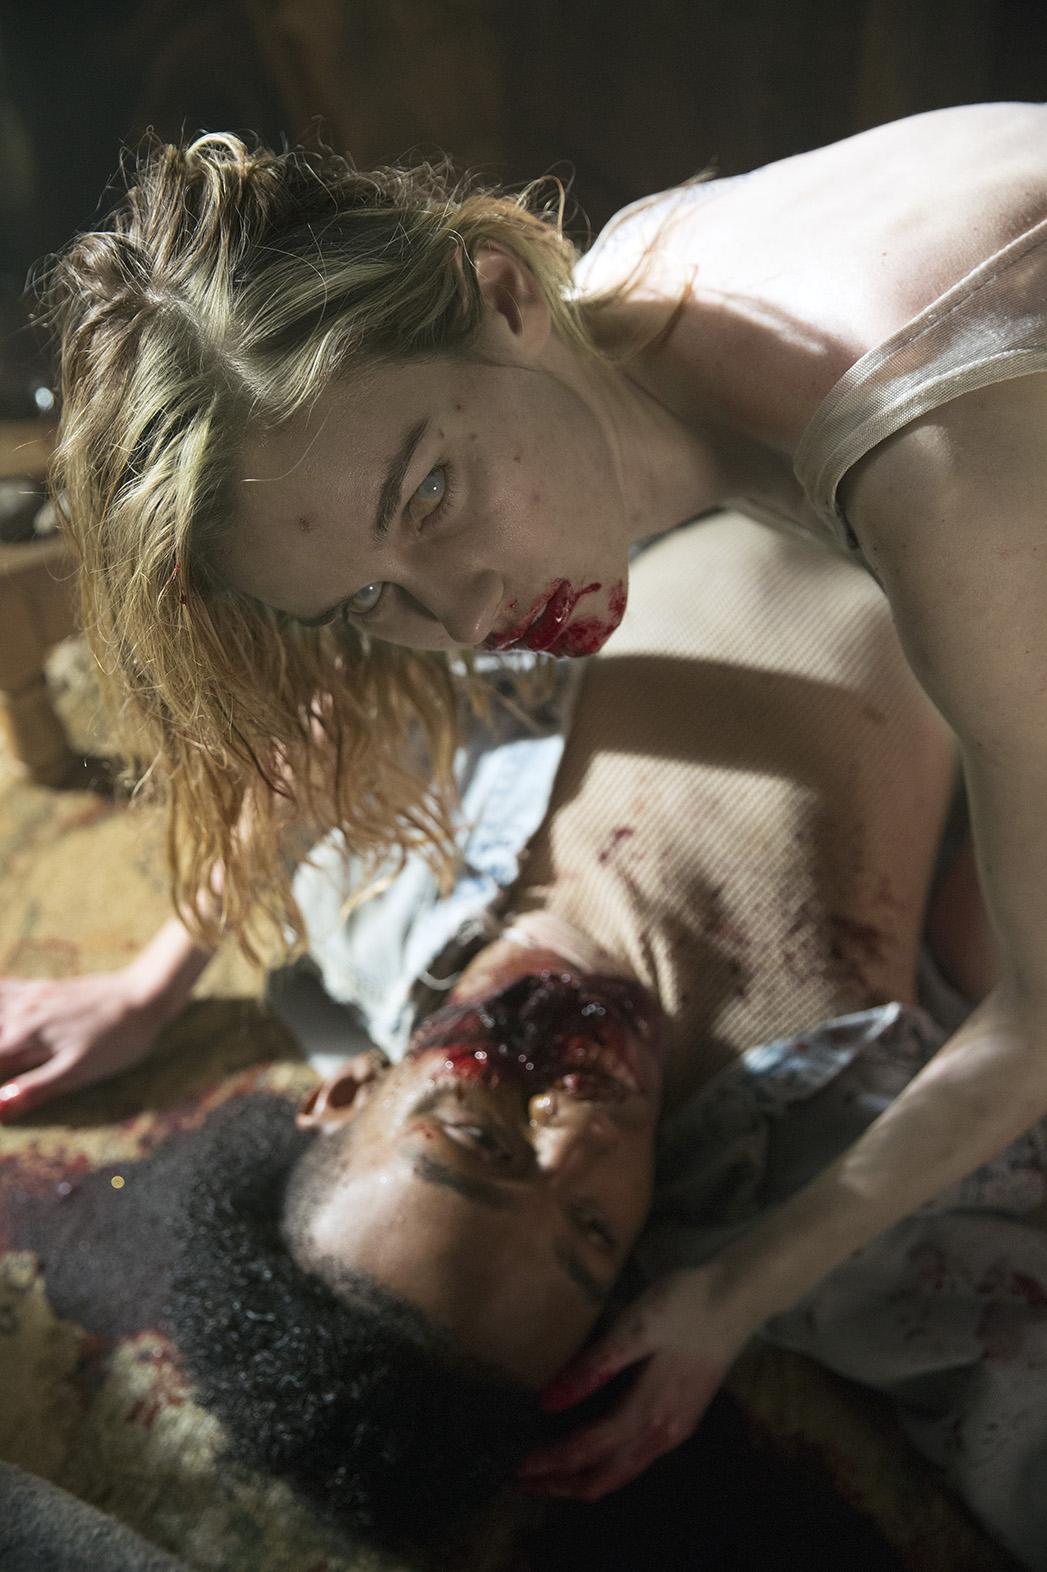 Fear The Walking Dead S01E01 Still 2 - P 2015